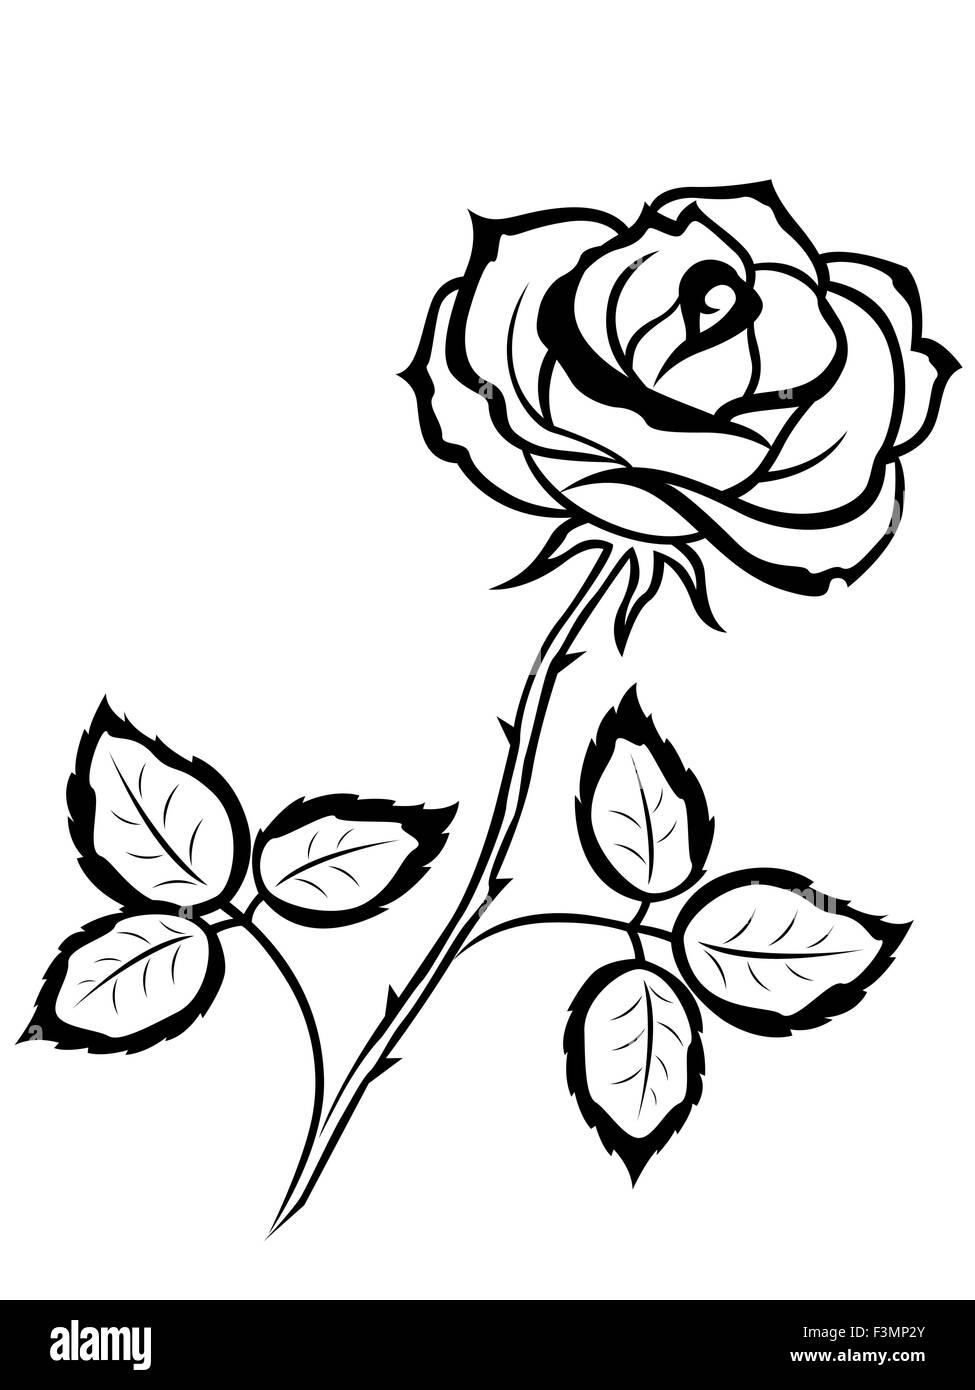 Bella Sagoma Nera Di Single Rose Fiore Isolato Su Uno Sfondo Bianco